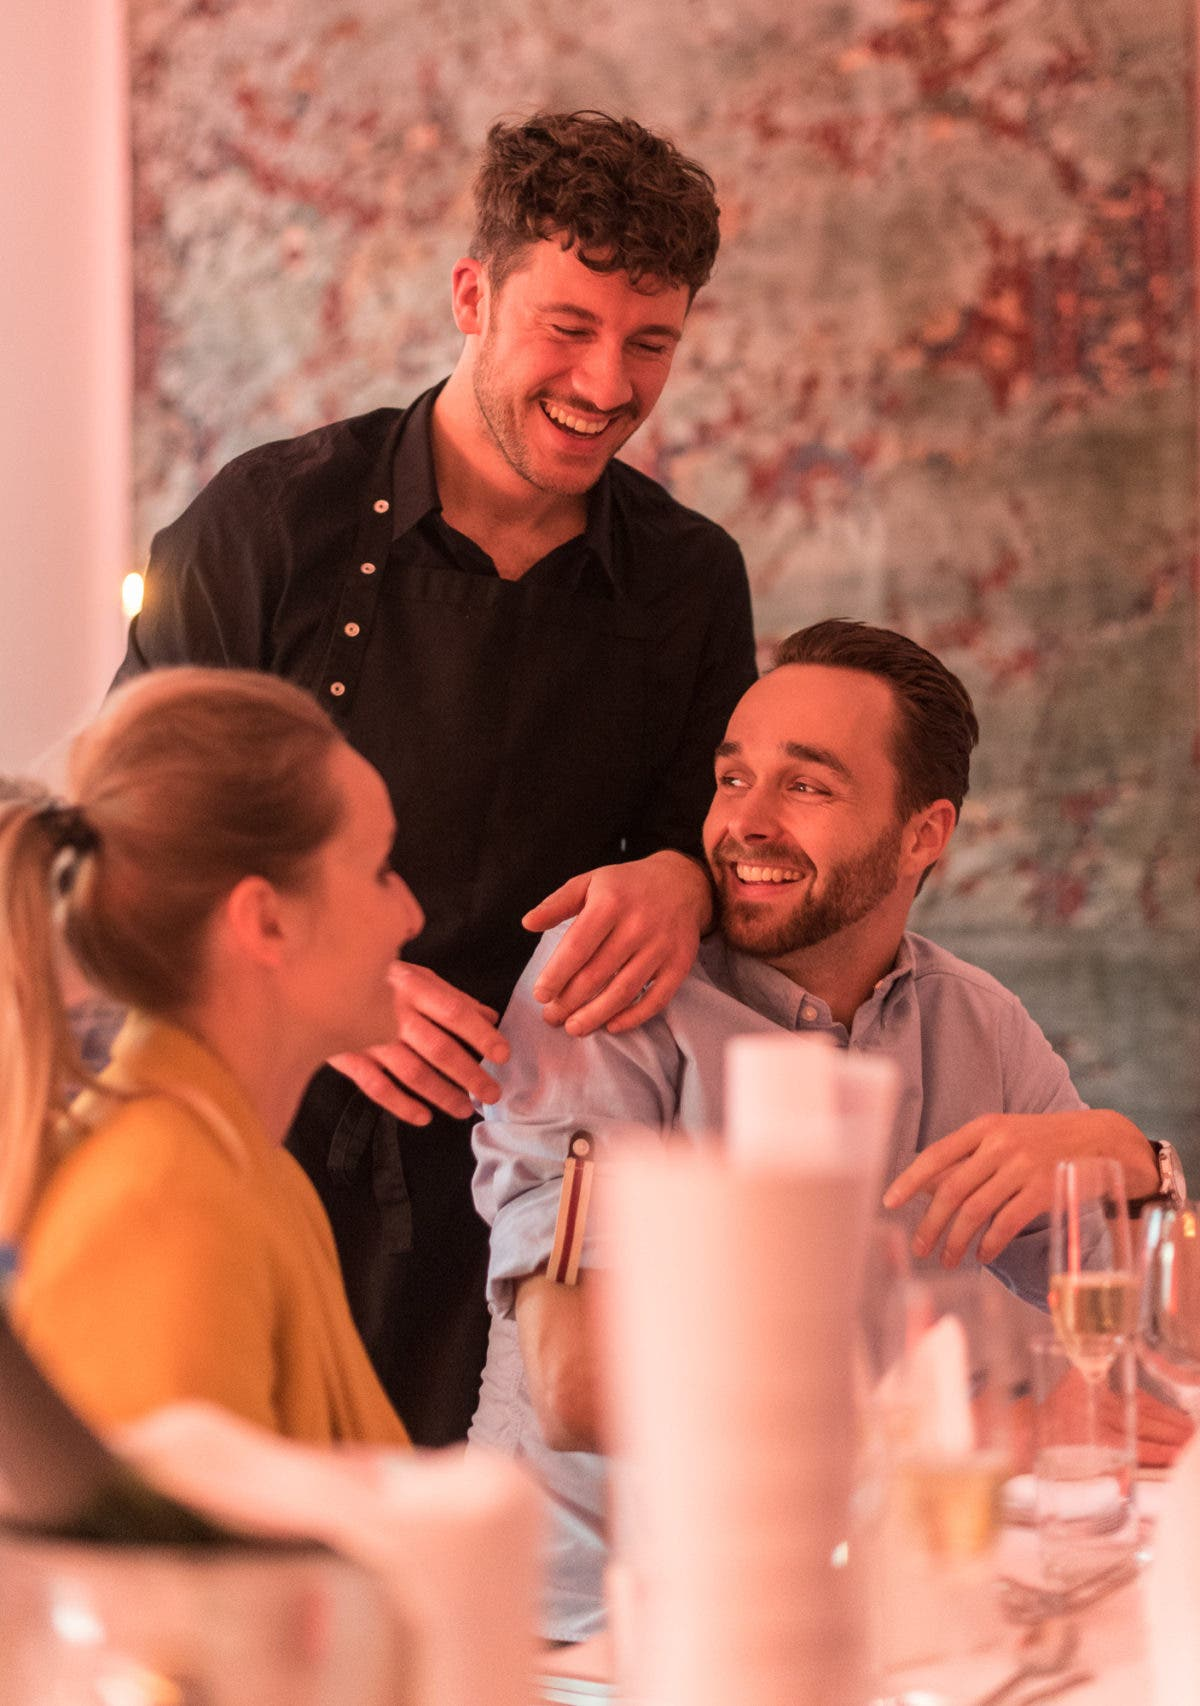 Personen in einem Restaurant lachen und amüsieren sich.